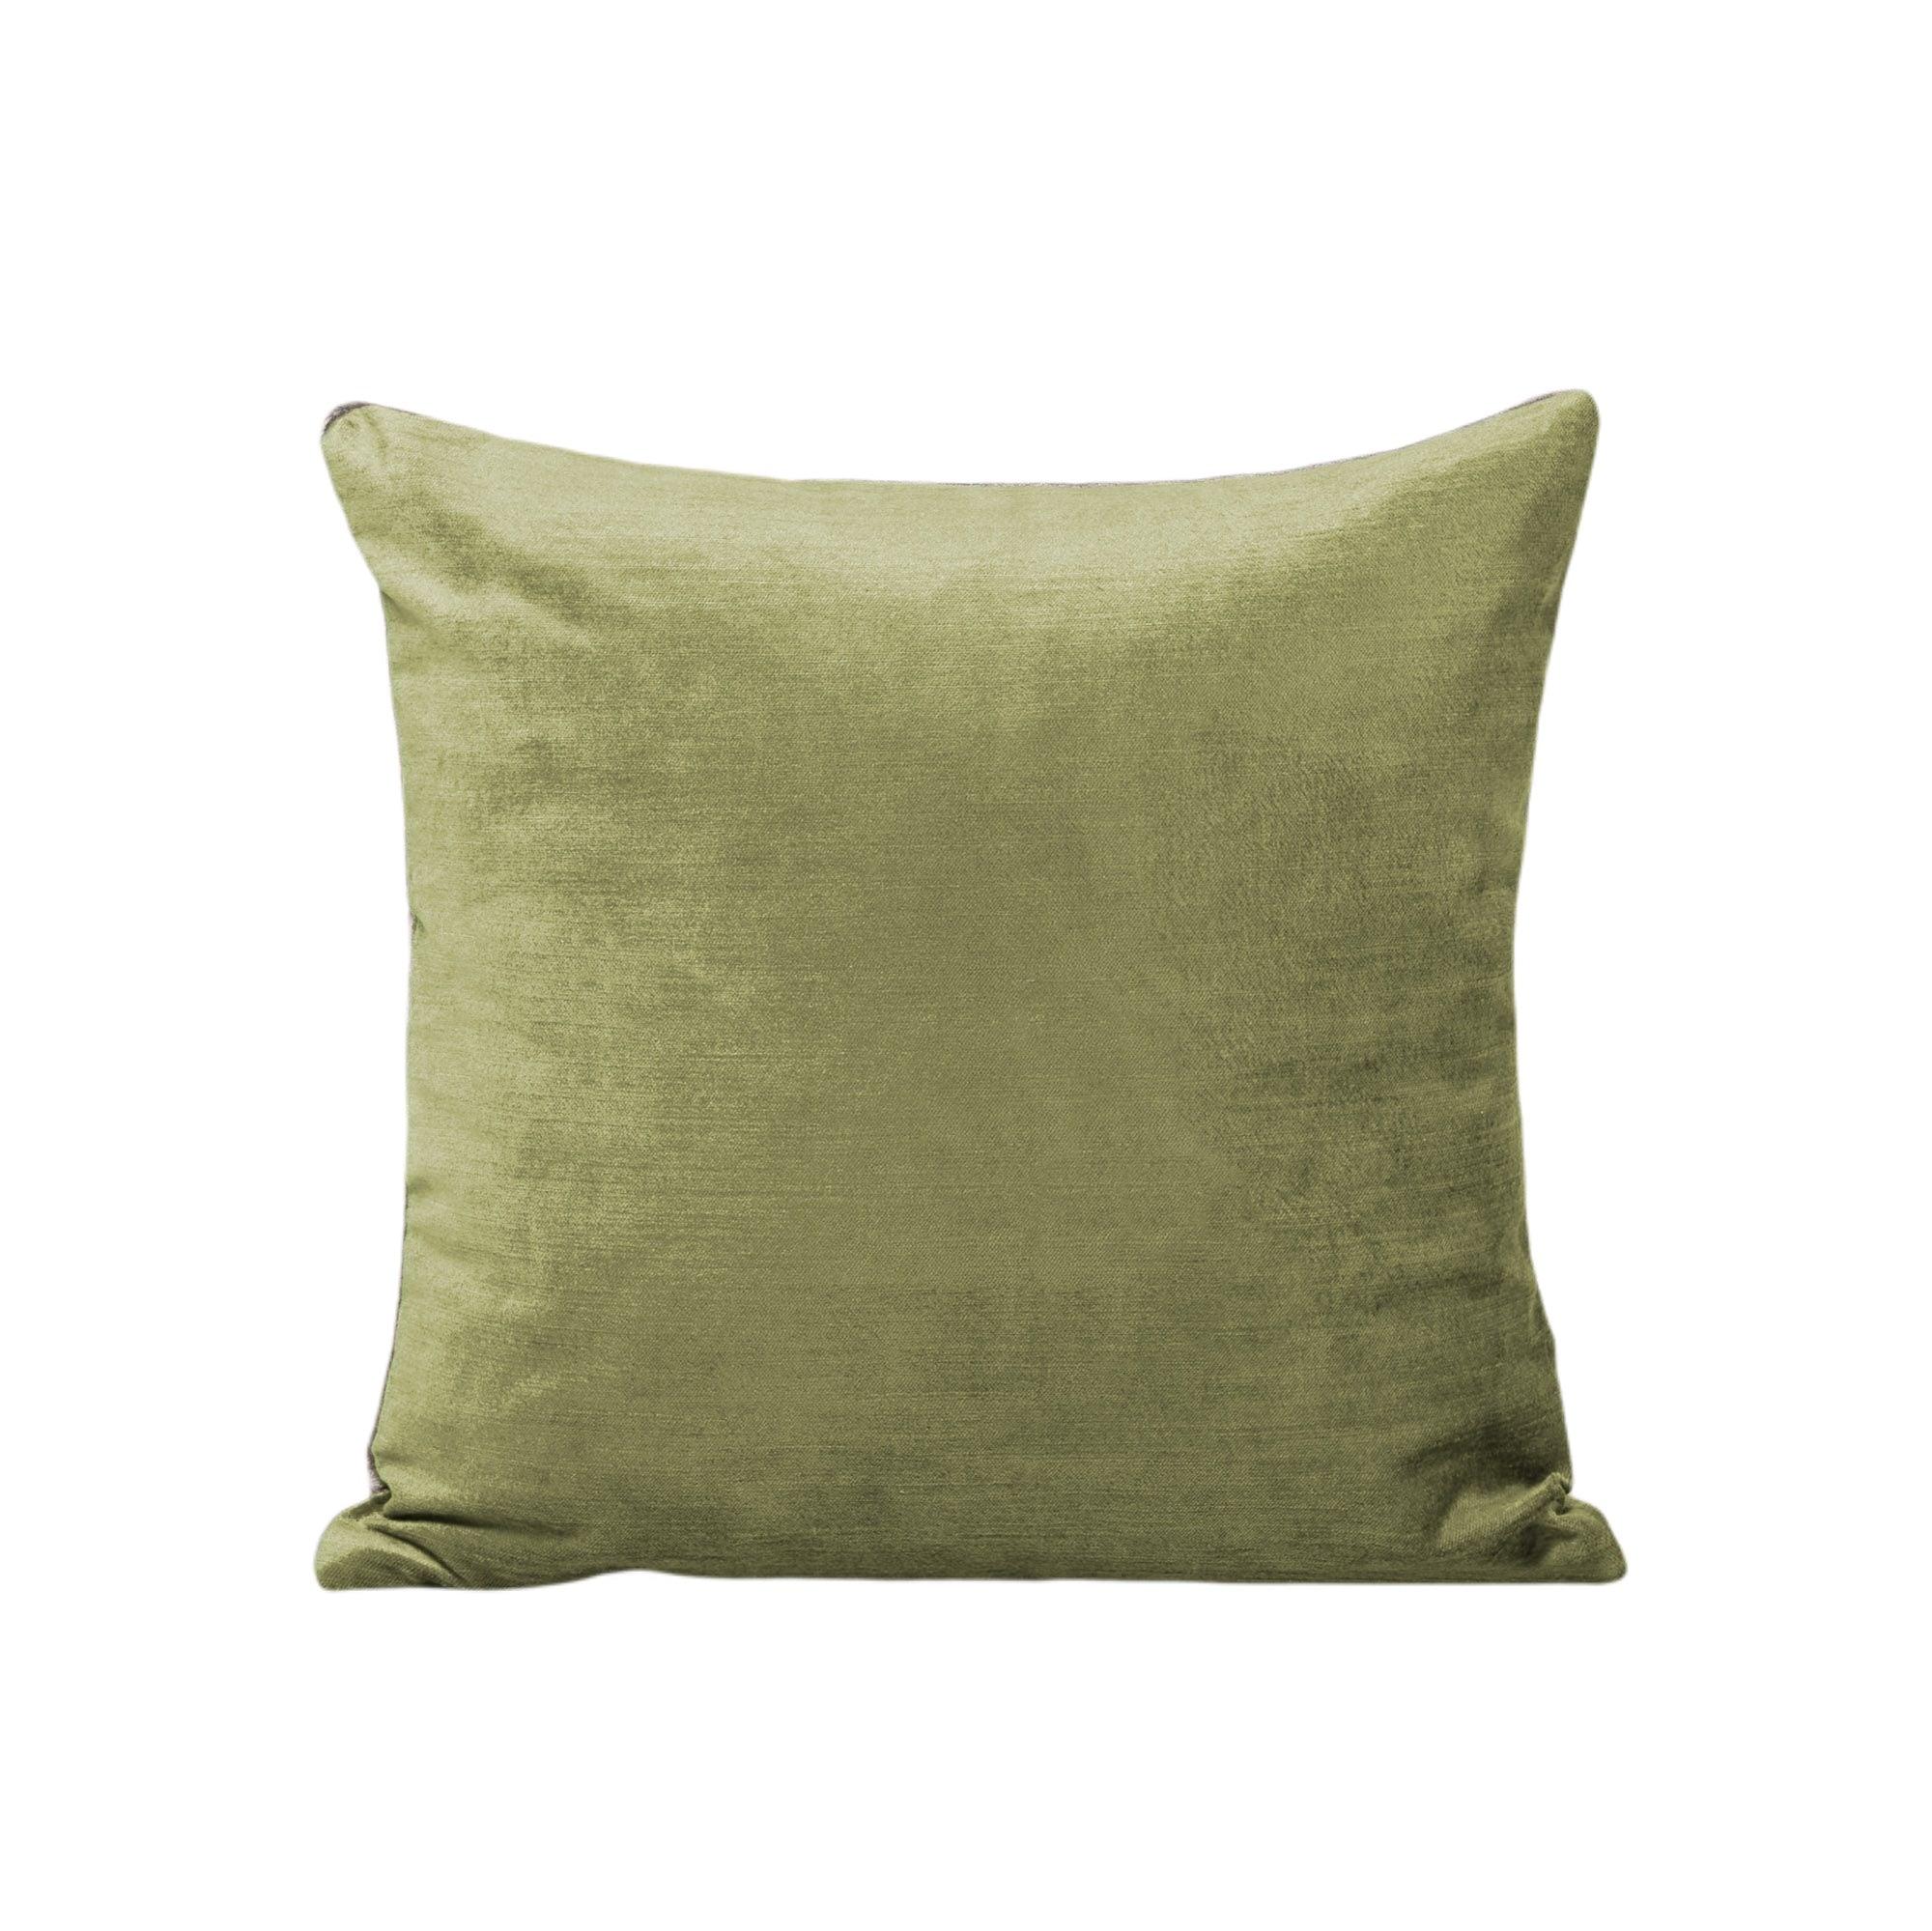 Housse de coussin 50x50 cm Vert olive